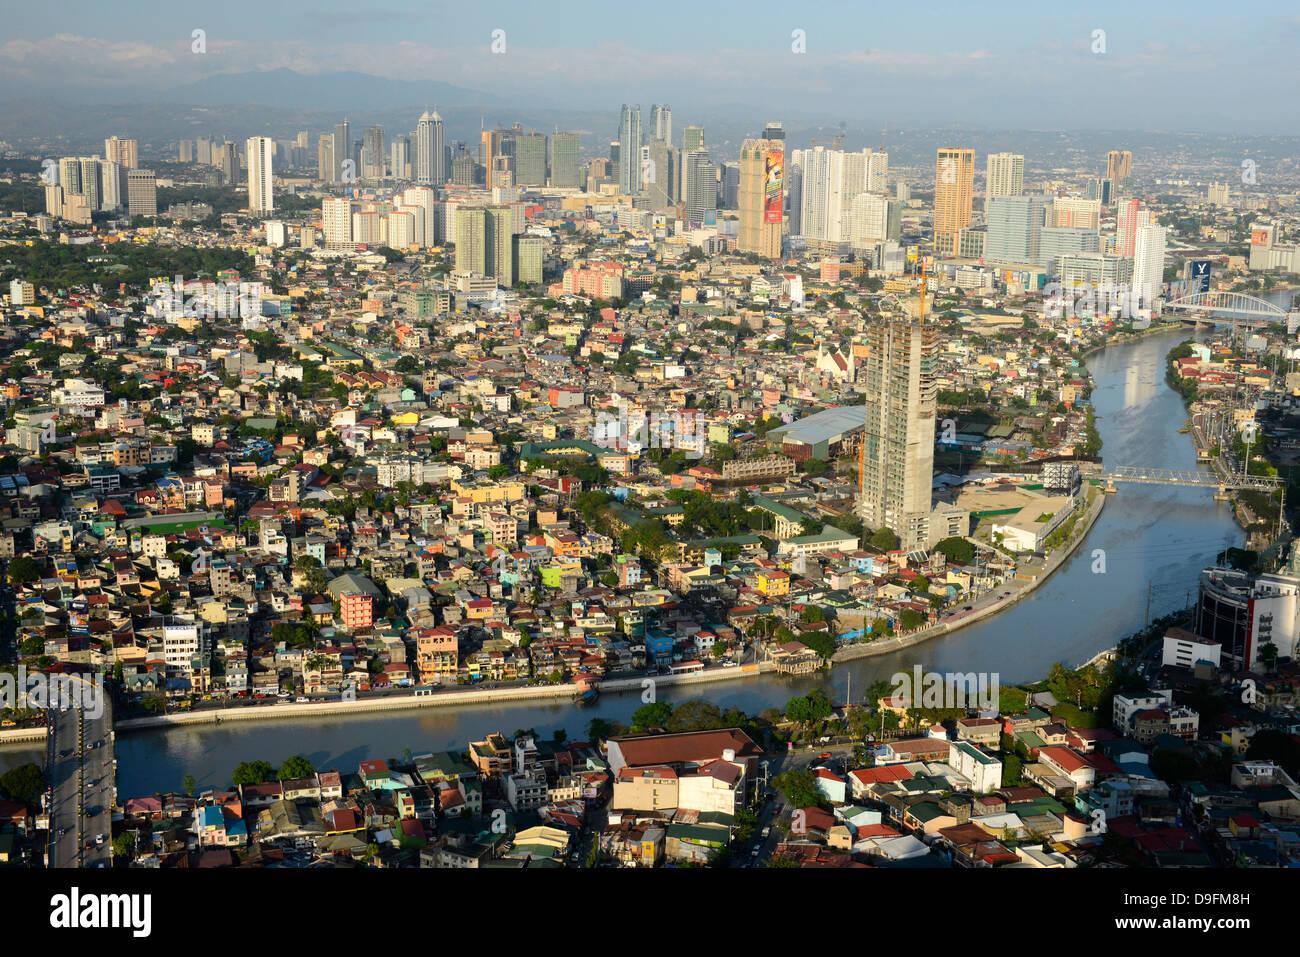 Edifici alti sul Ortiga Avenue, Pasig River e al di là di Mandaluyong, Metromanila, Filippine, Sud-est asiatico Immagini Stock